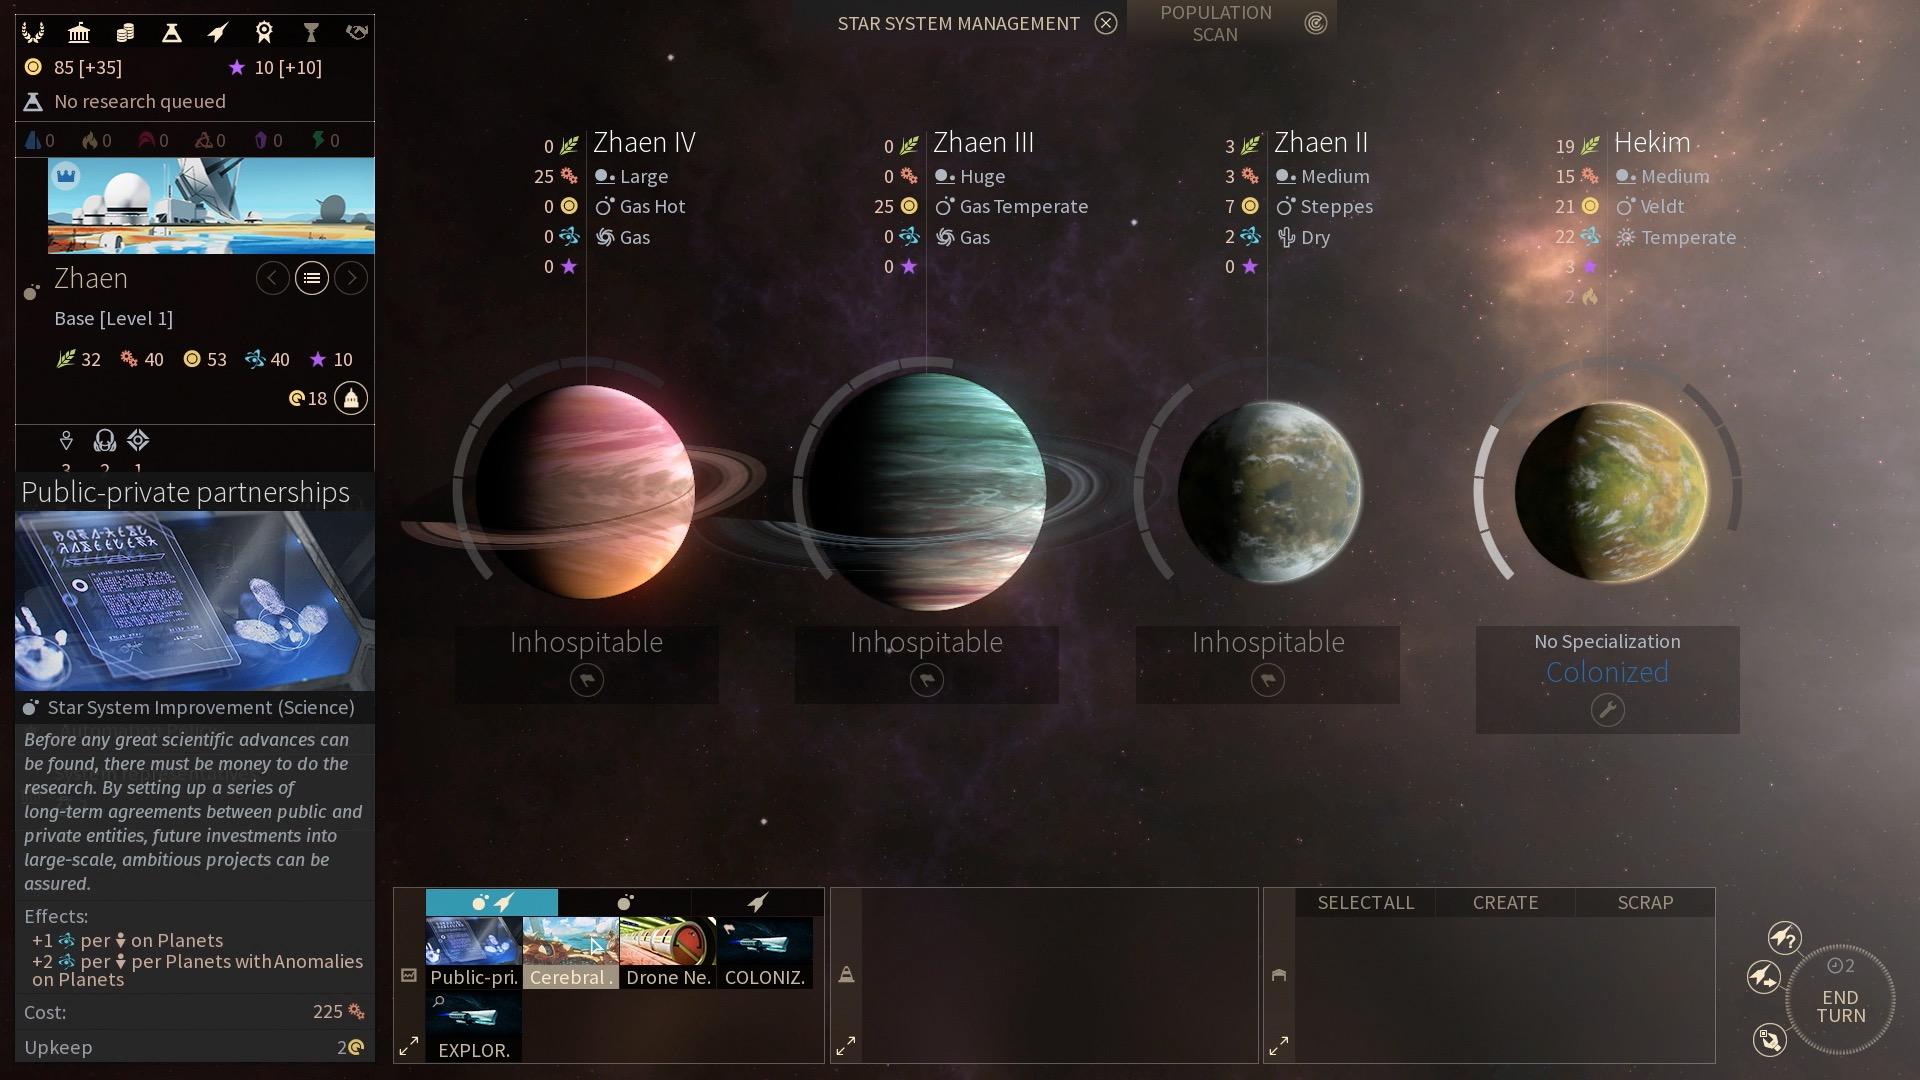 Endless Space 2 in der Vorschau: Bereits jetzt meisterlicher als Orion -